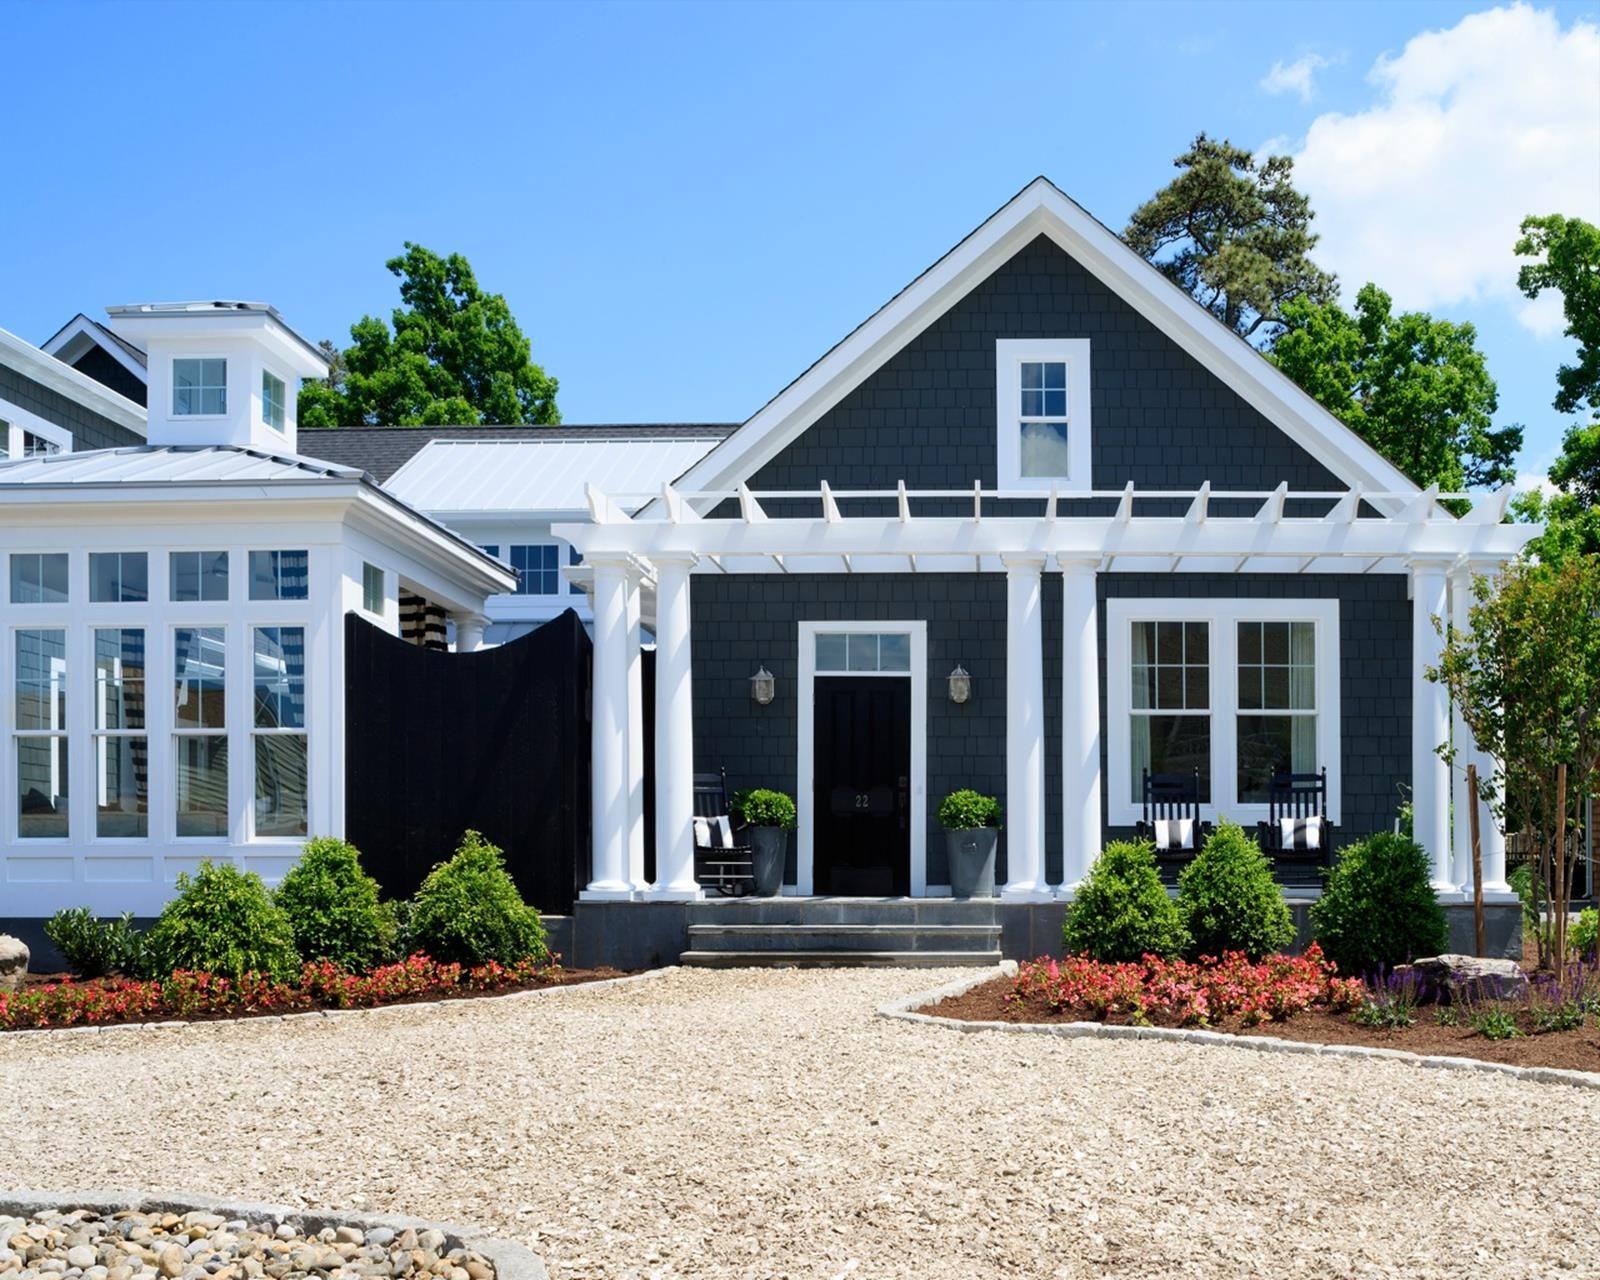 Coastal Blue Exterior Paint Colors Living Ideas 16 Its Home Color House Exterior Exterior Paint Colors For House White Exterior Houses